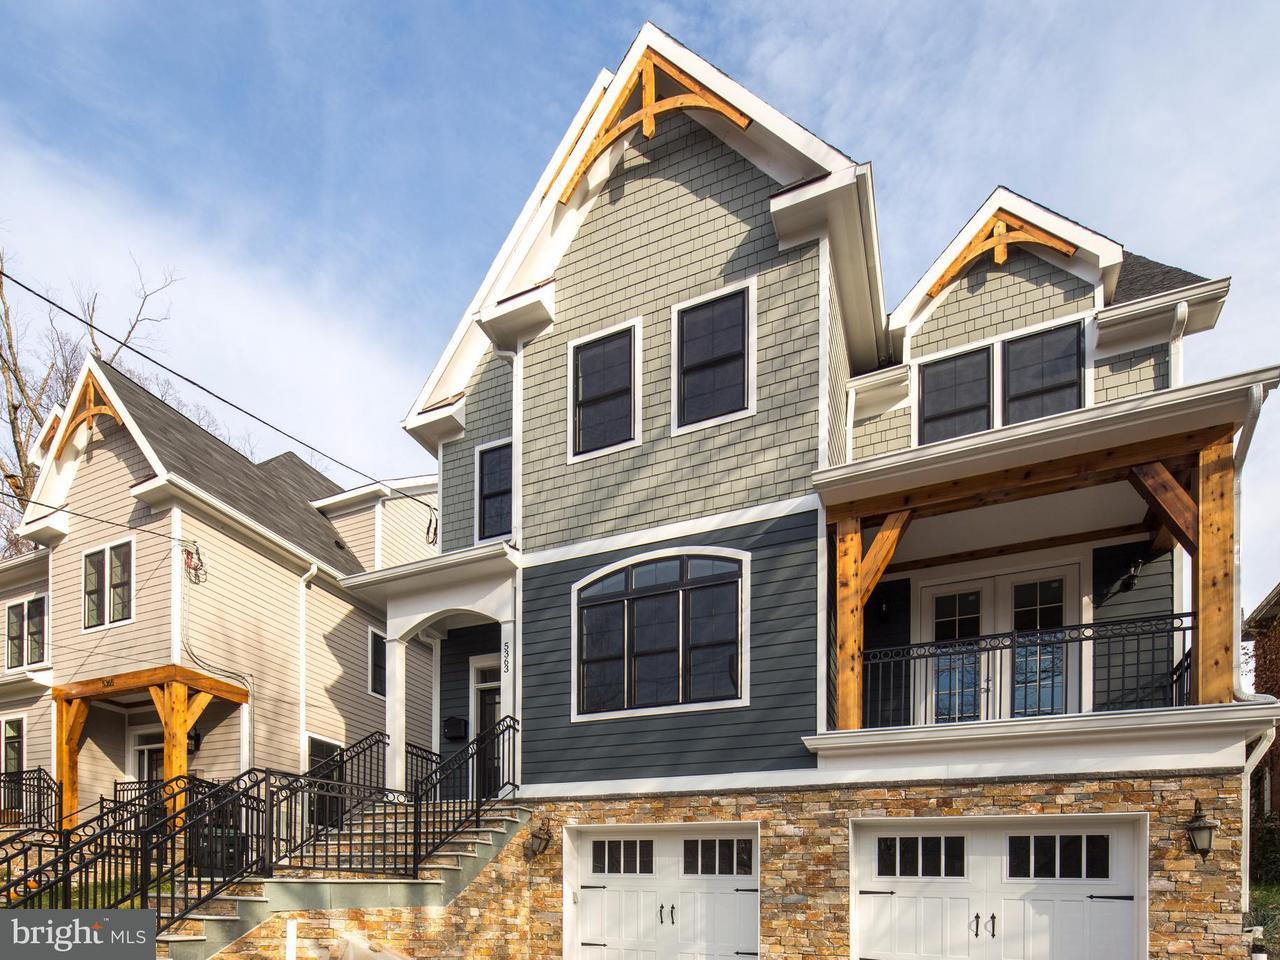 Maison unifamiliale pour l Vente à 5363 29th St Nw 5363 29th St Nw Washington, District De Columbia 20015 États-Unis